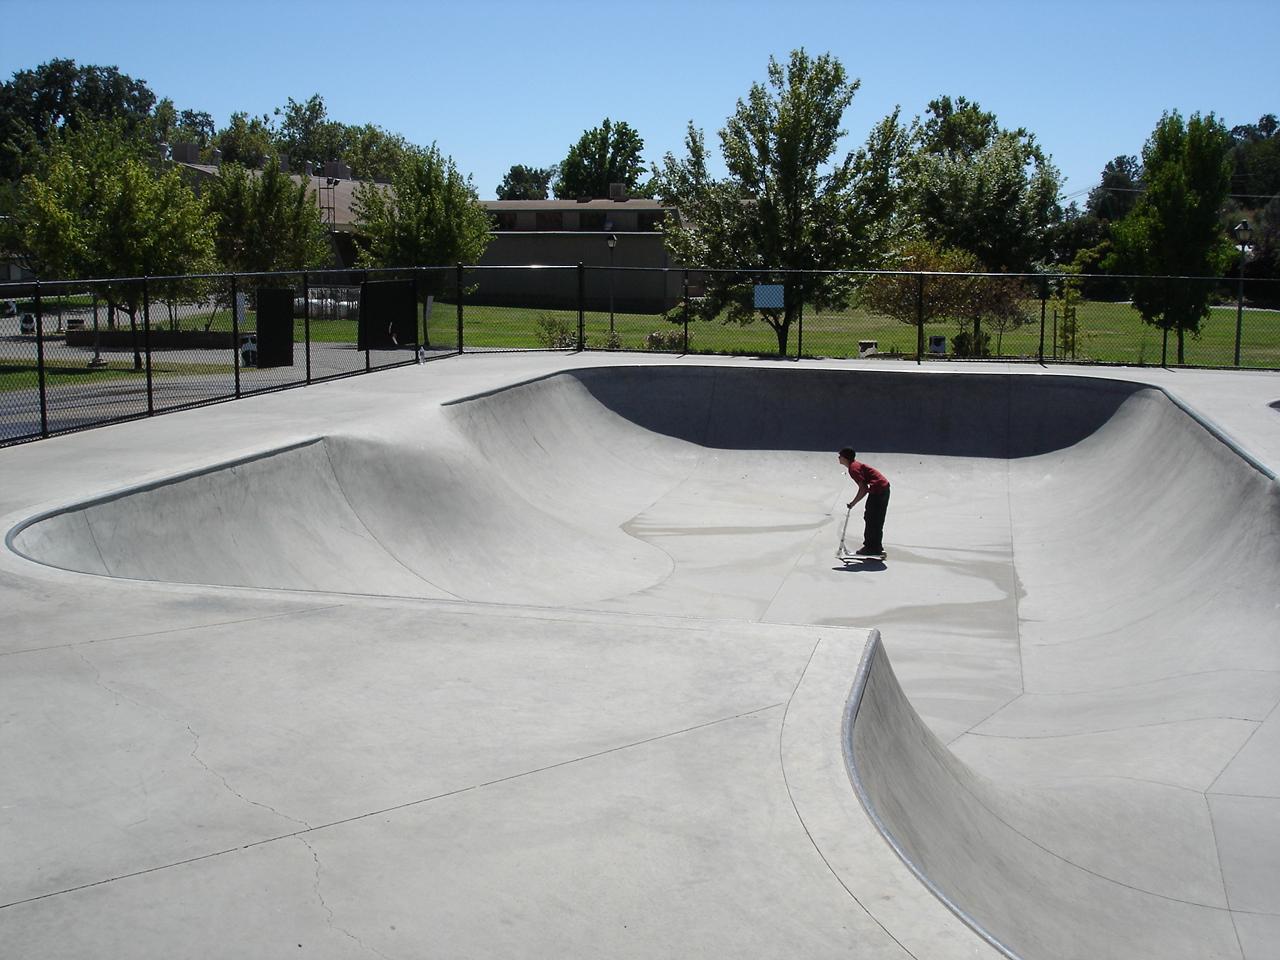 placerville skatepark, placerville, california